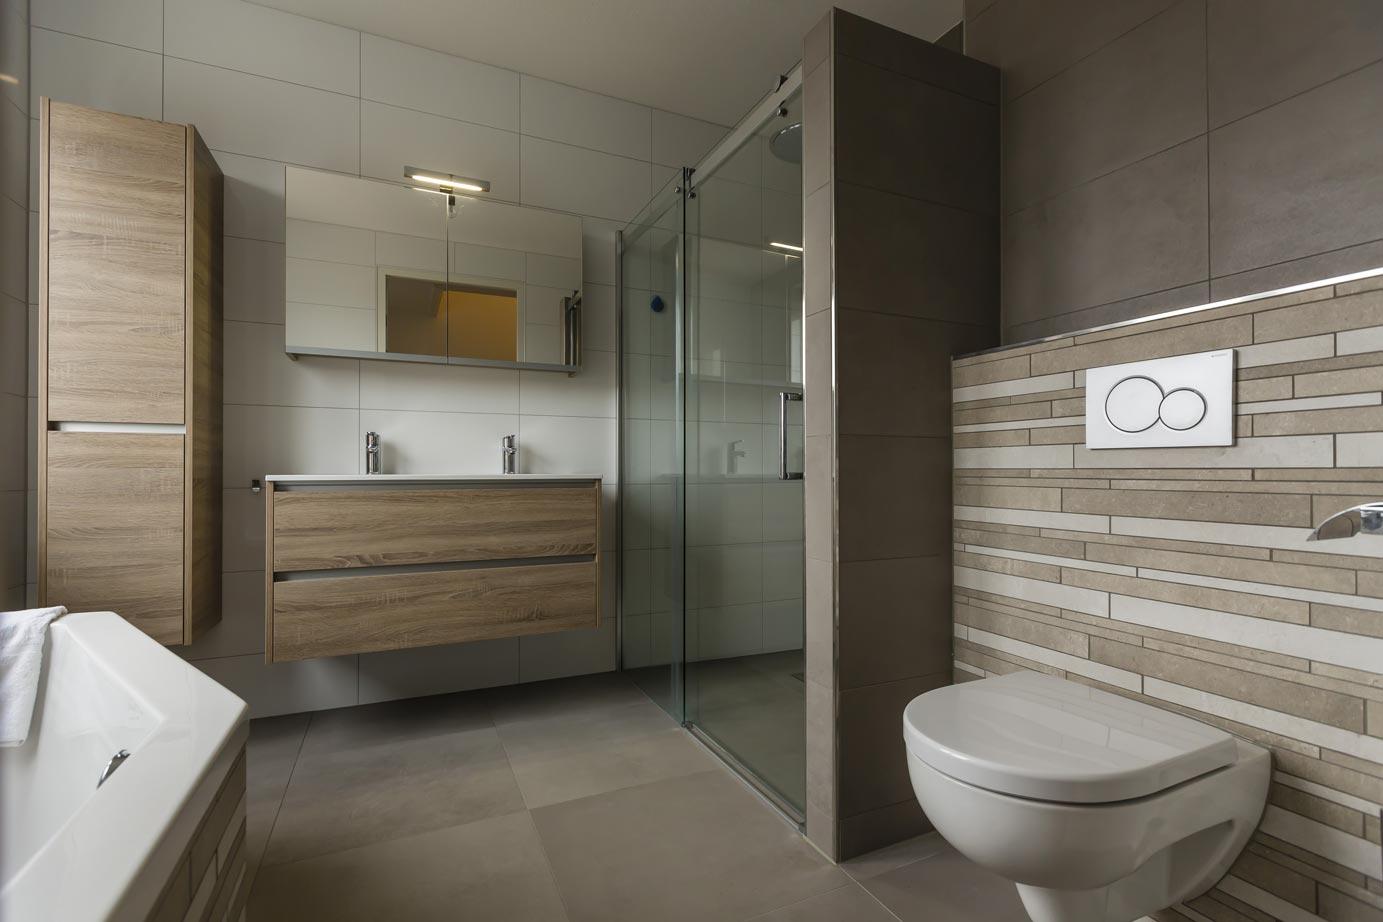 Vloertegels in badkamer zwart vloertegels badkamer promotie winkel voor - Wandtegels voor badkamers ...